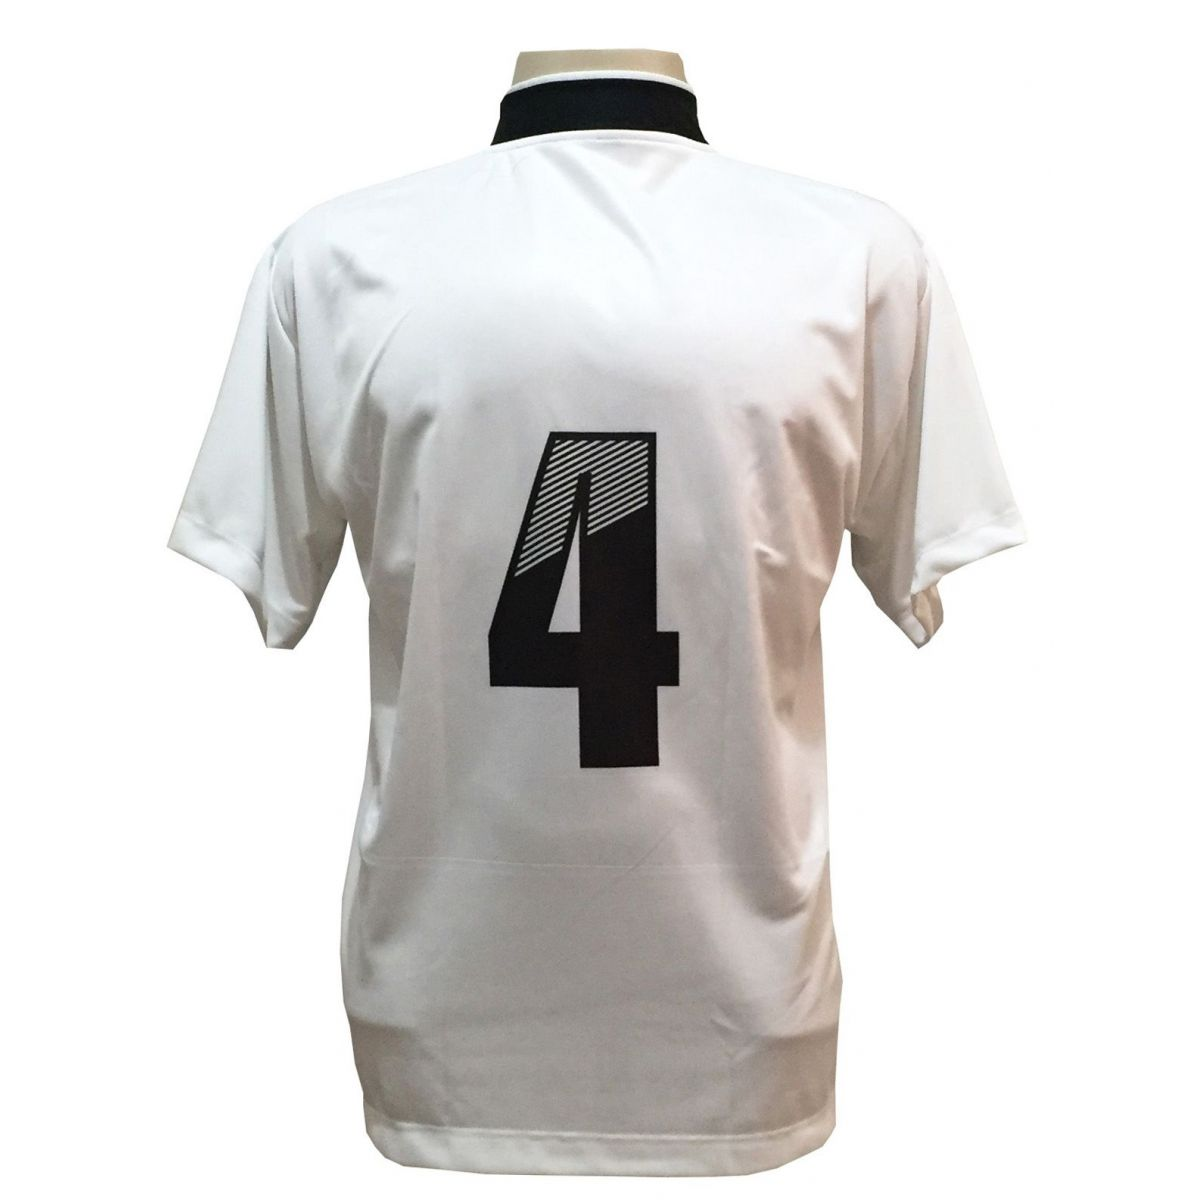 Jogo de Camisa com 14 unidades modelo Suécia Branco/Preto